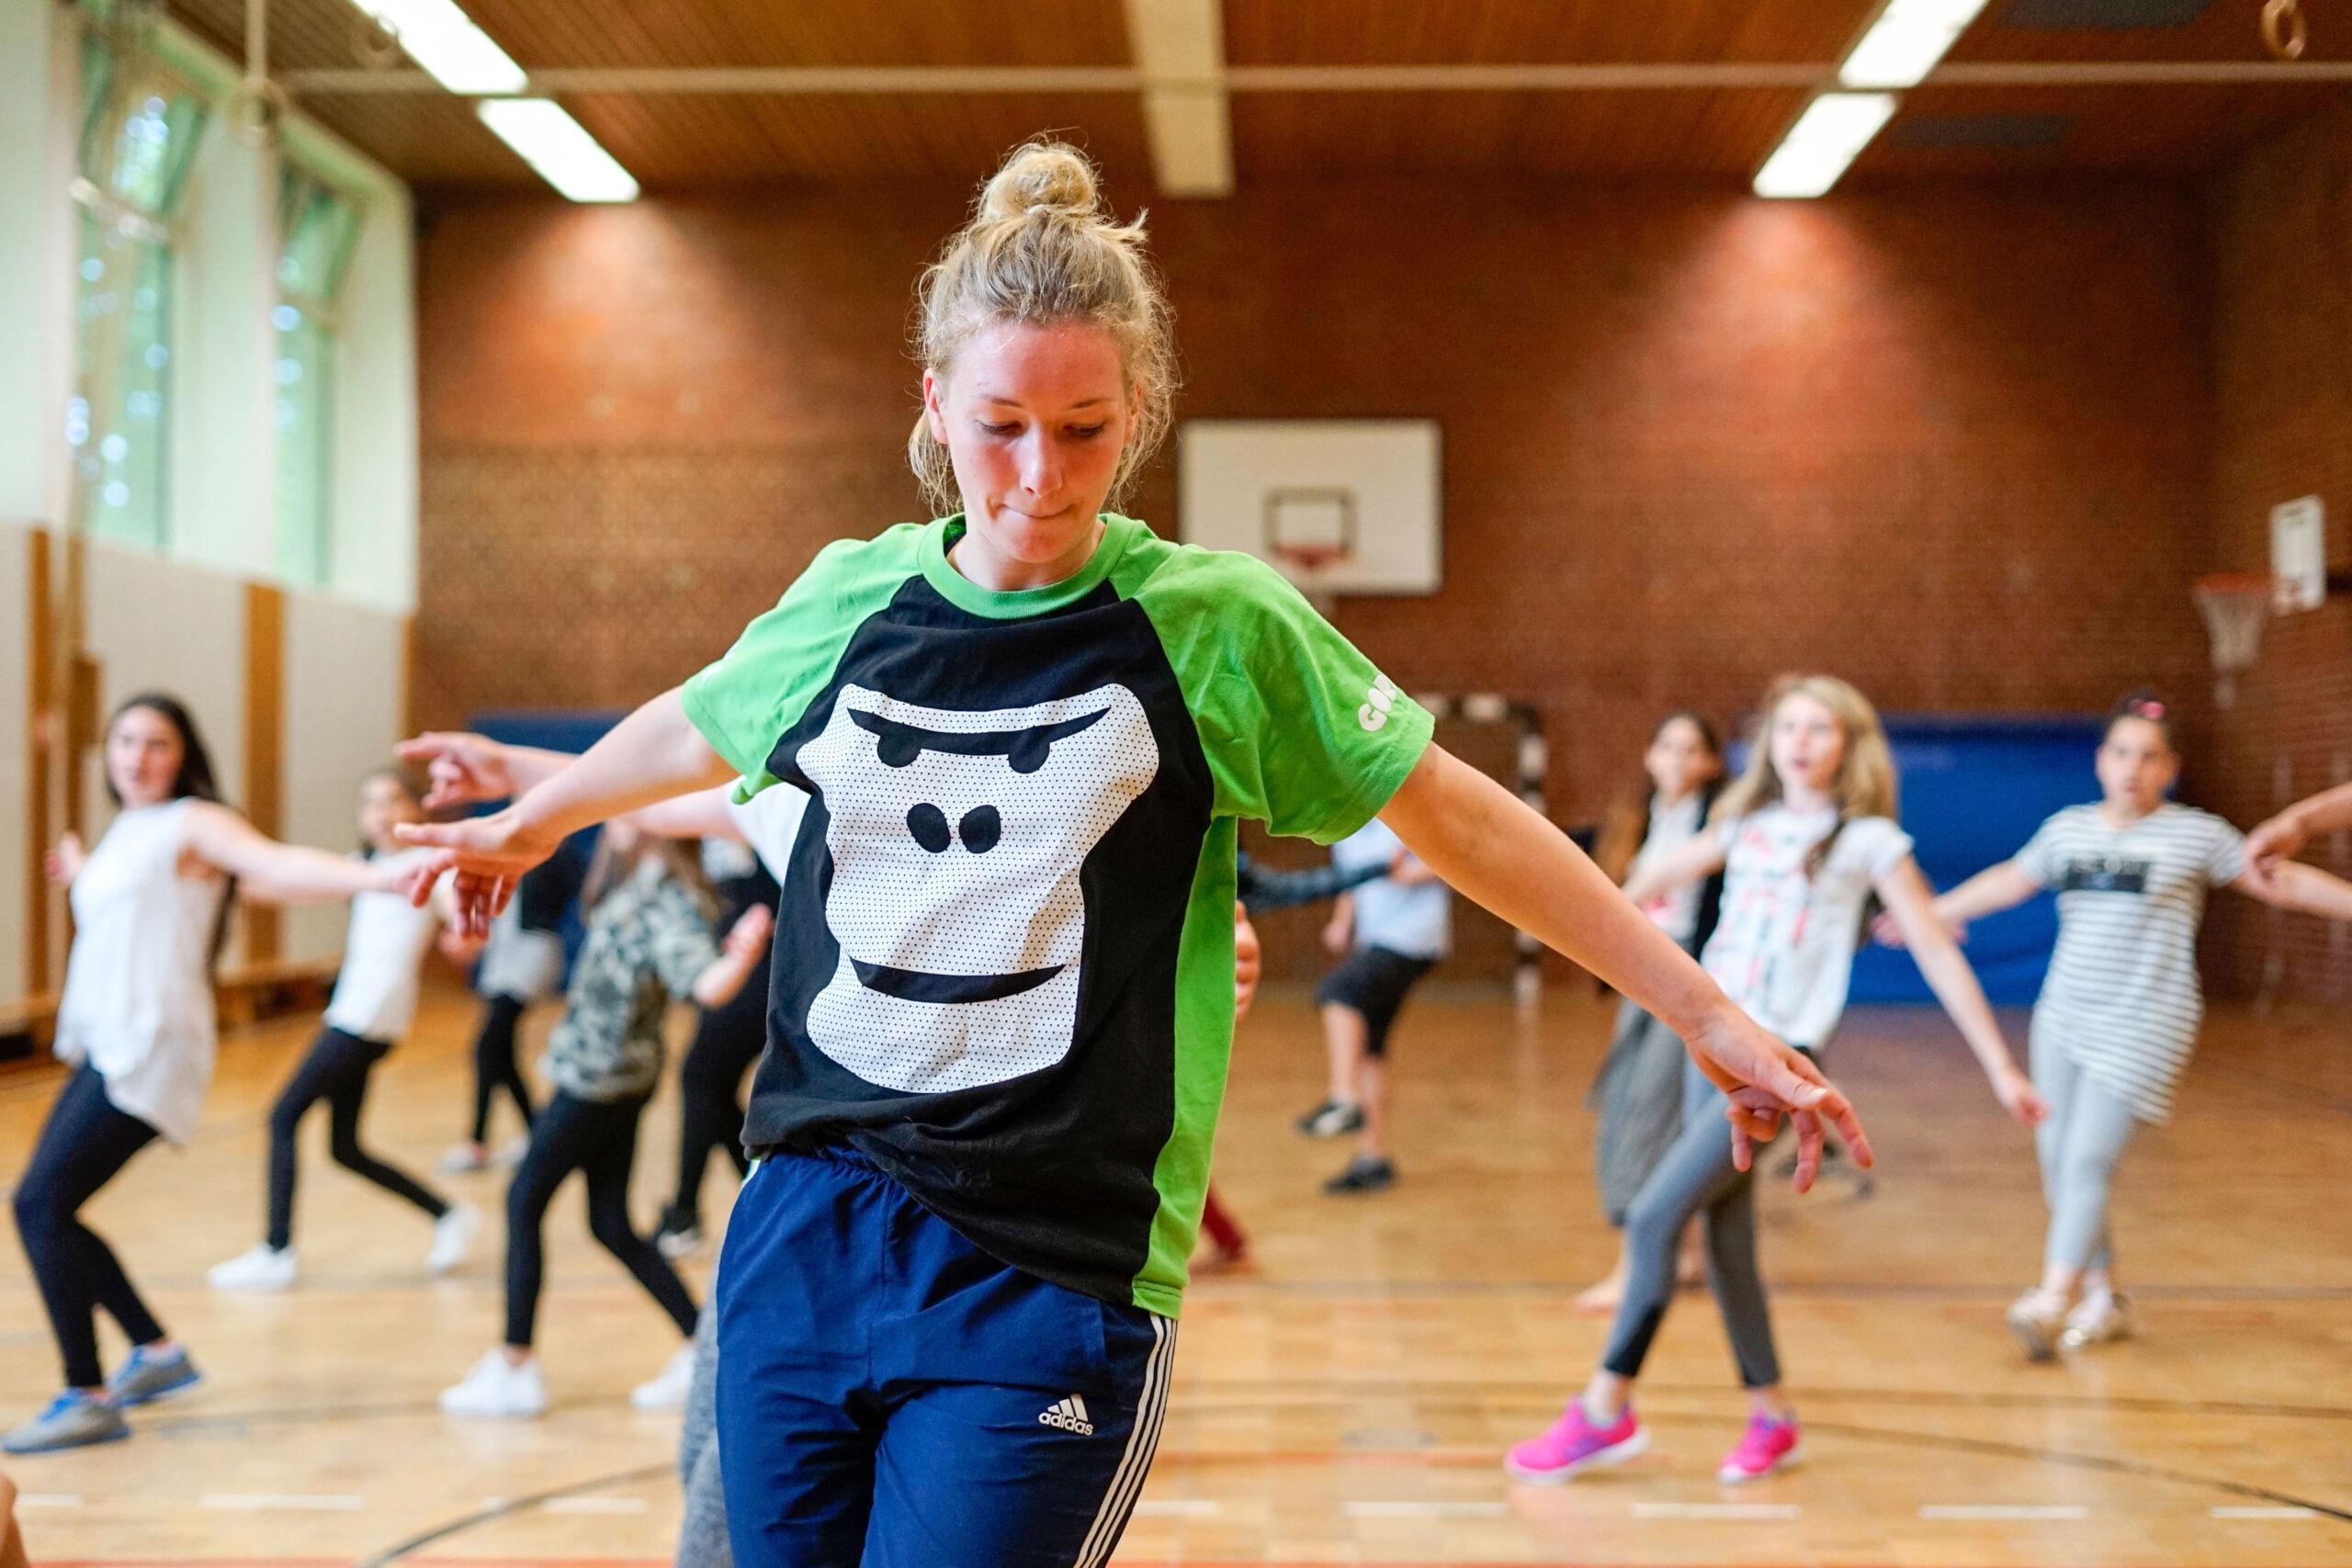 Eine GORILLA Botschafterin zeigt einer Gruppe von Schueler*innen in einer Turnhalle wie man Breakdancen lernt.